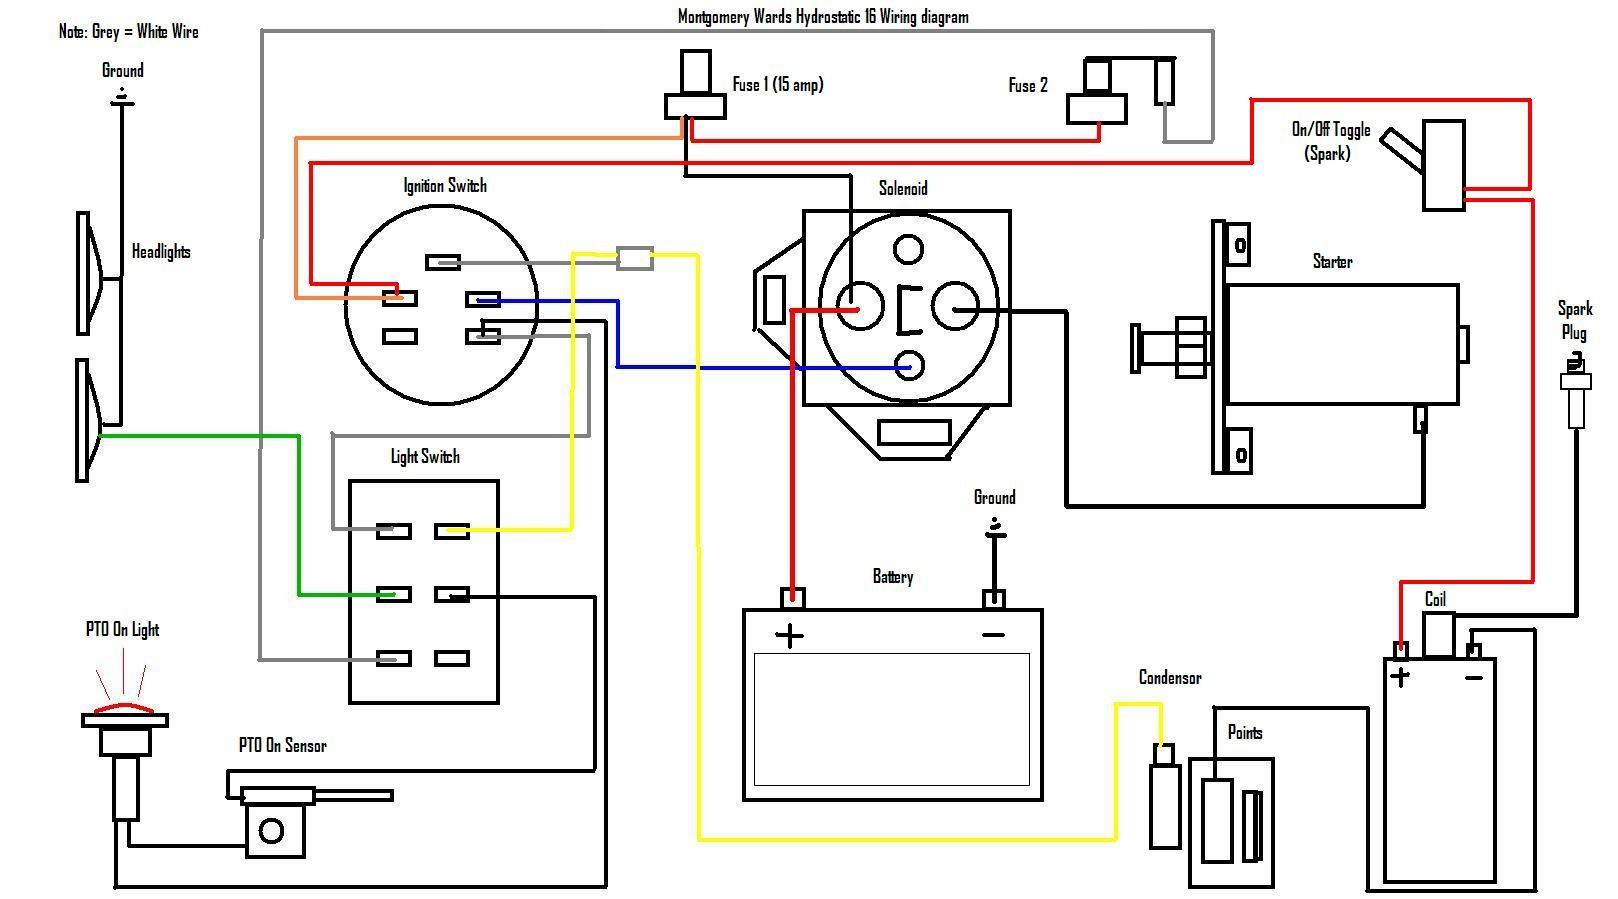 Briggs And Stratton Wiring Diagram Schematics Teamninjaz Me 20 7 Simple